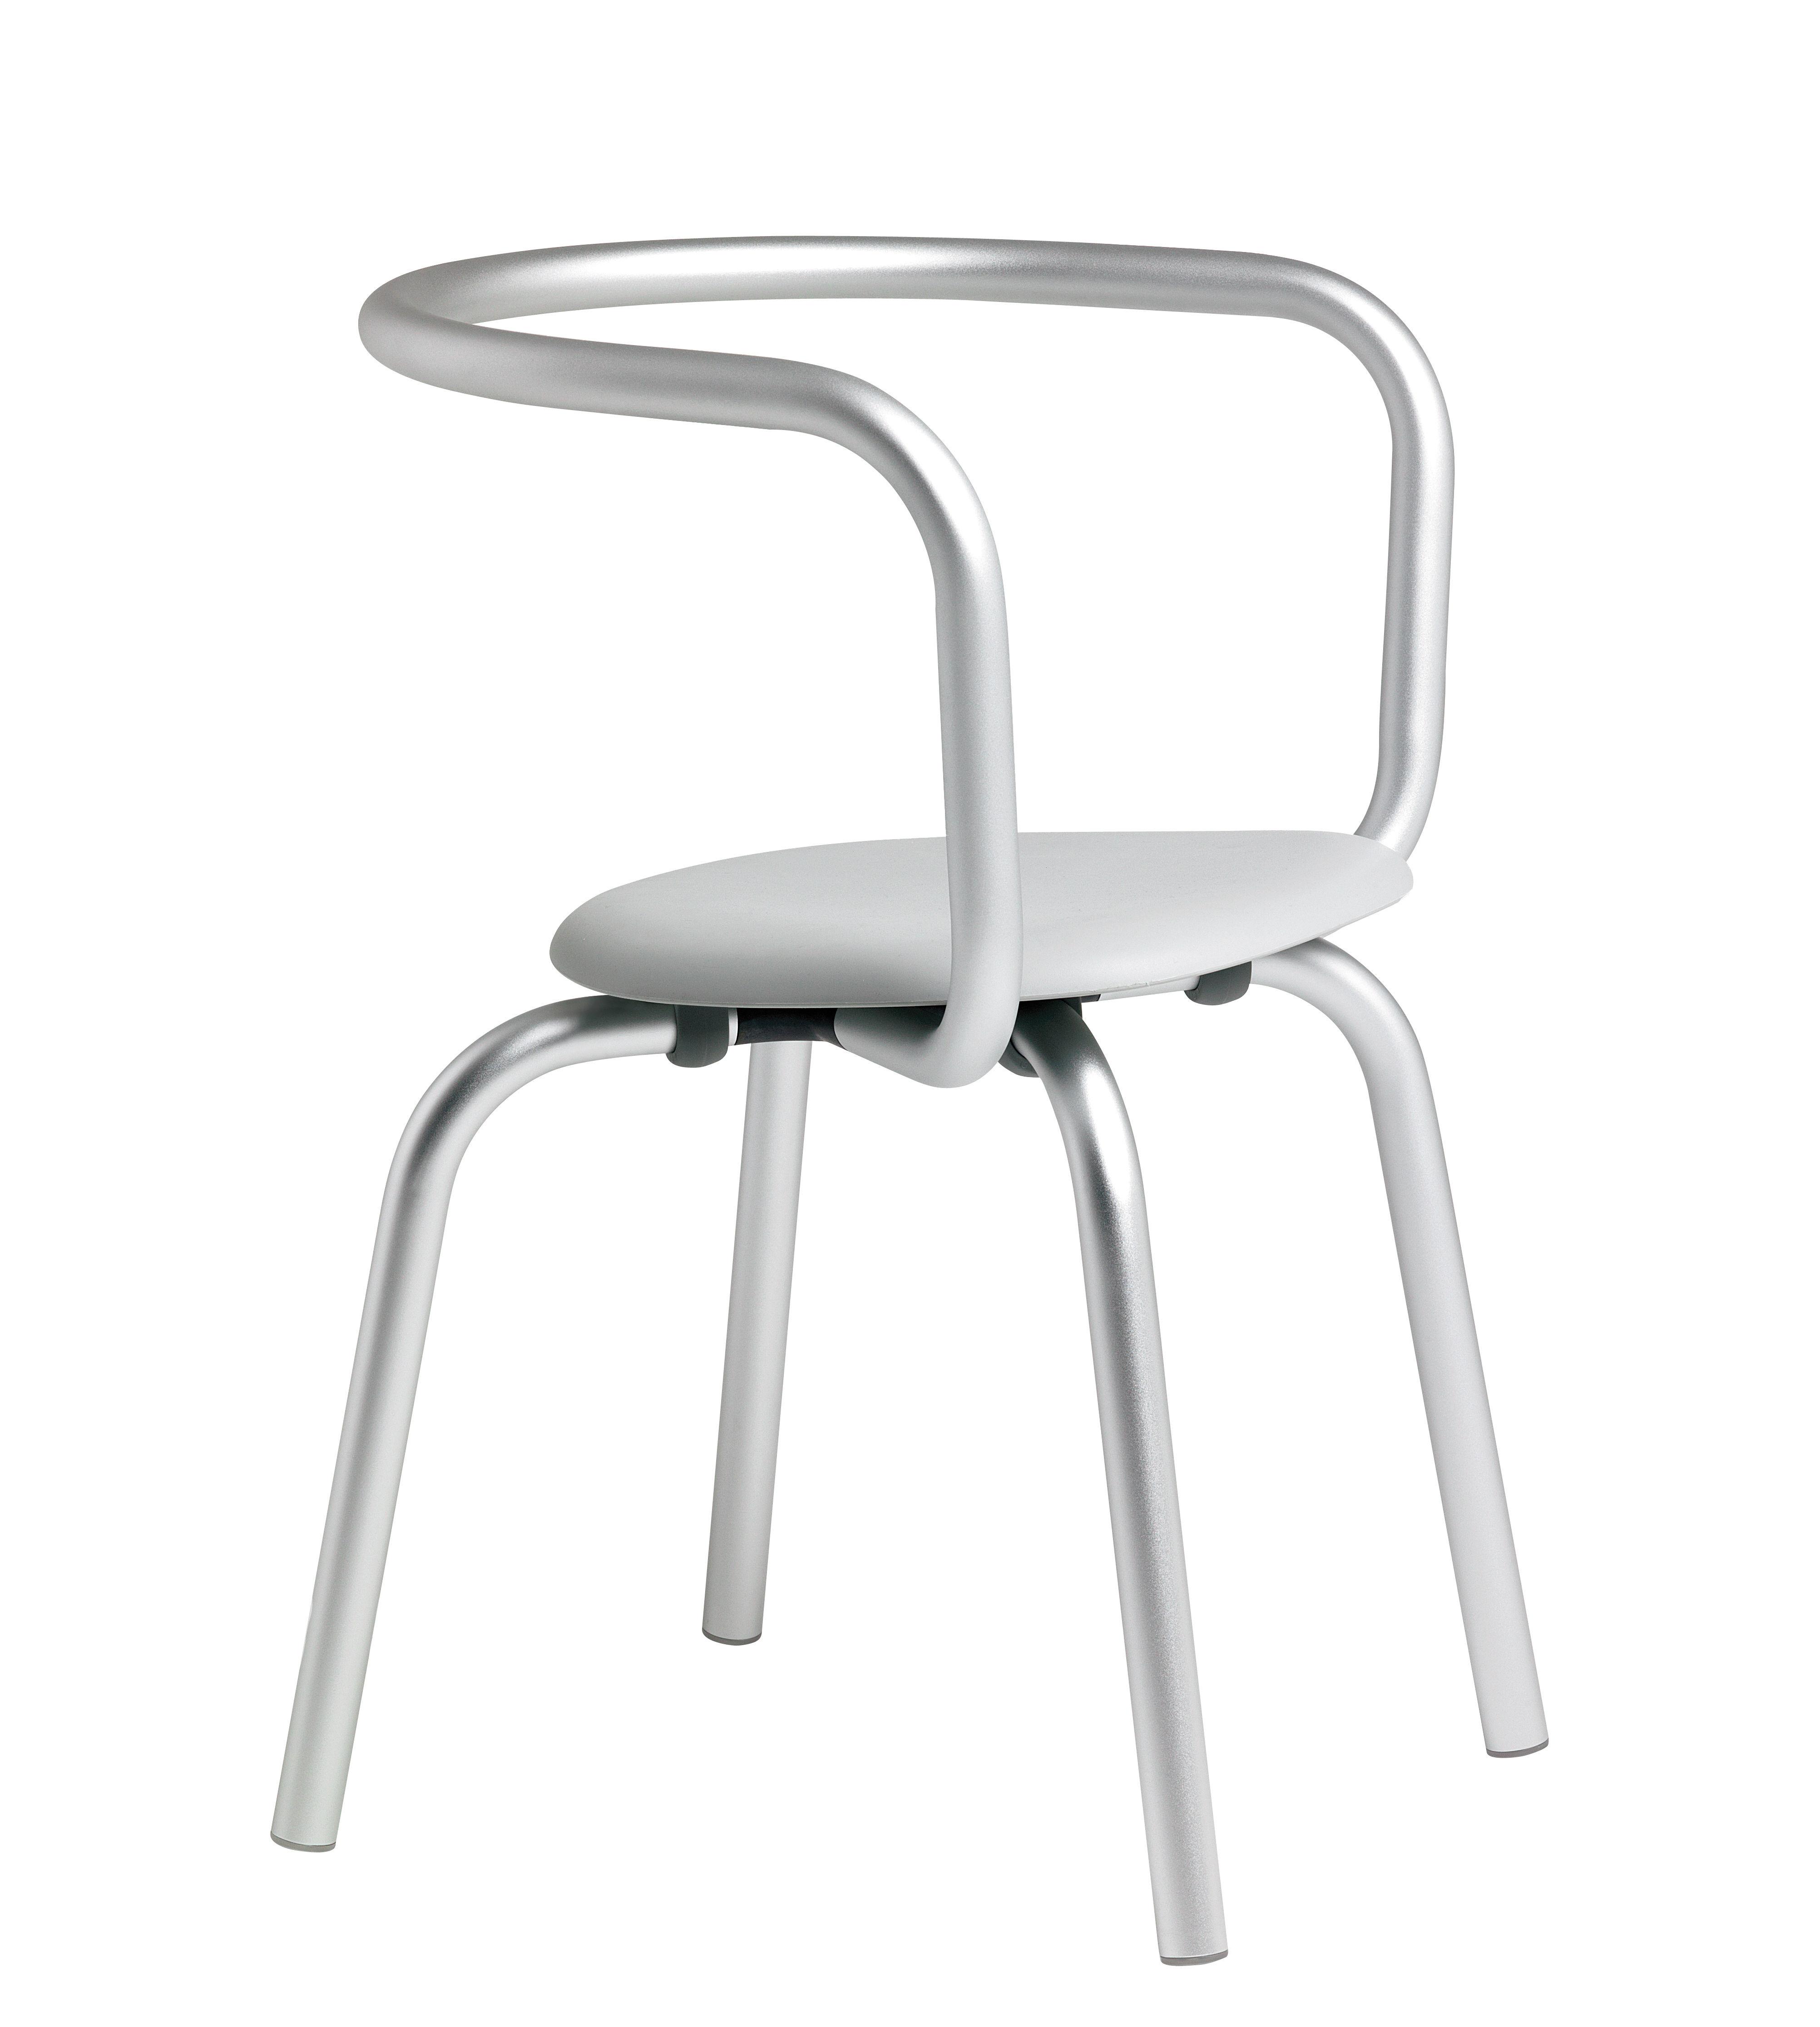 Mobilier - Chaises, fauteuils de salle à manger - Fauteuil Parrish / Métal & assise plastique - Emeco - Aluminium / Assise grise - Aluminium, Polypropylène recyclé